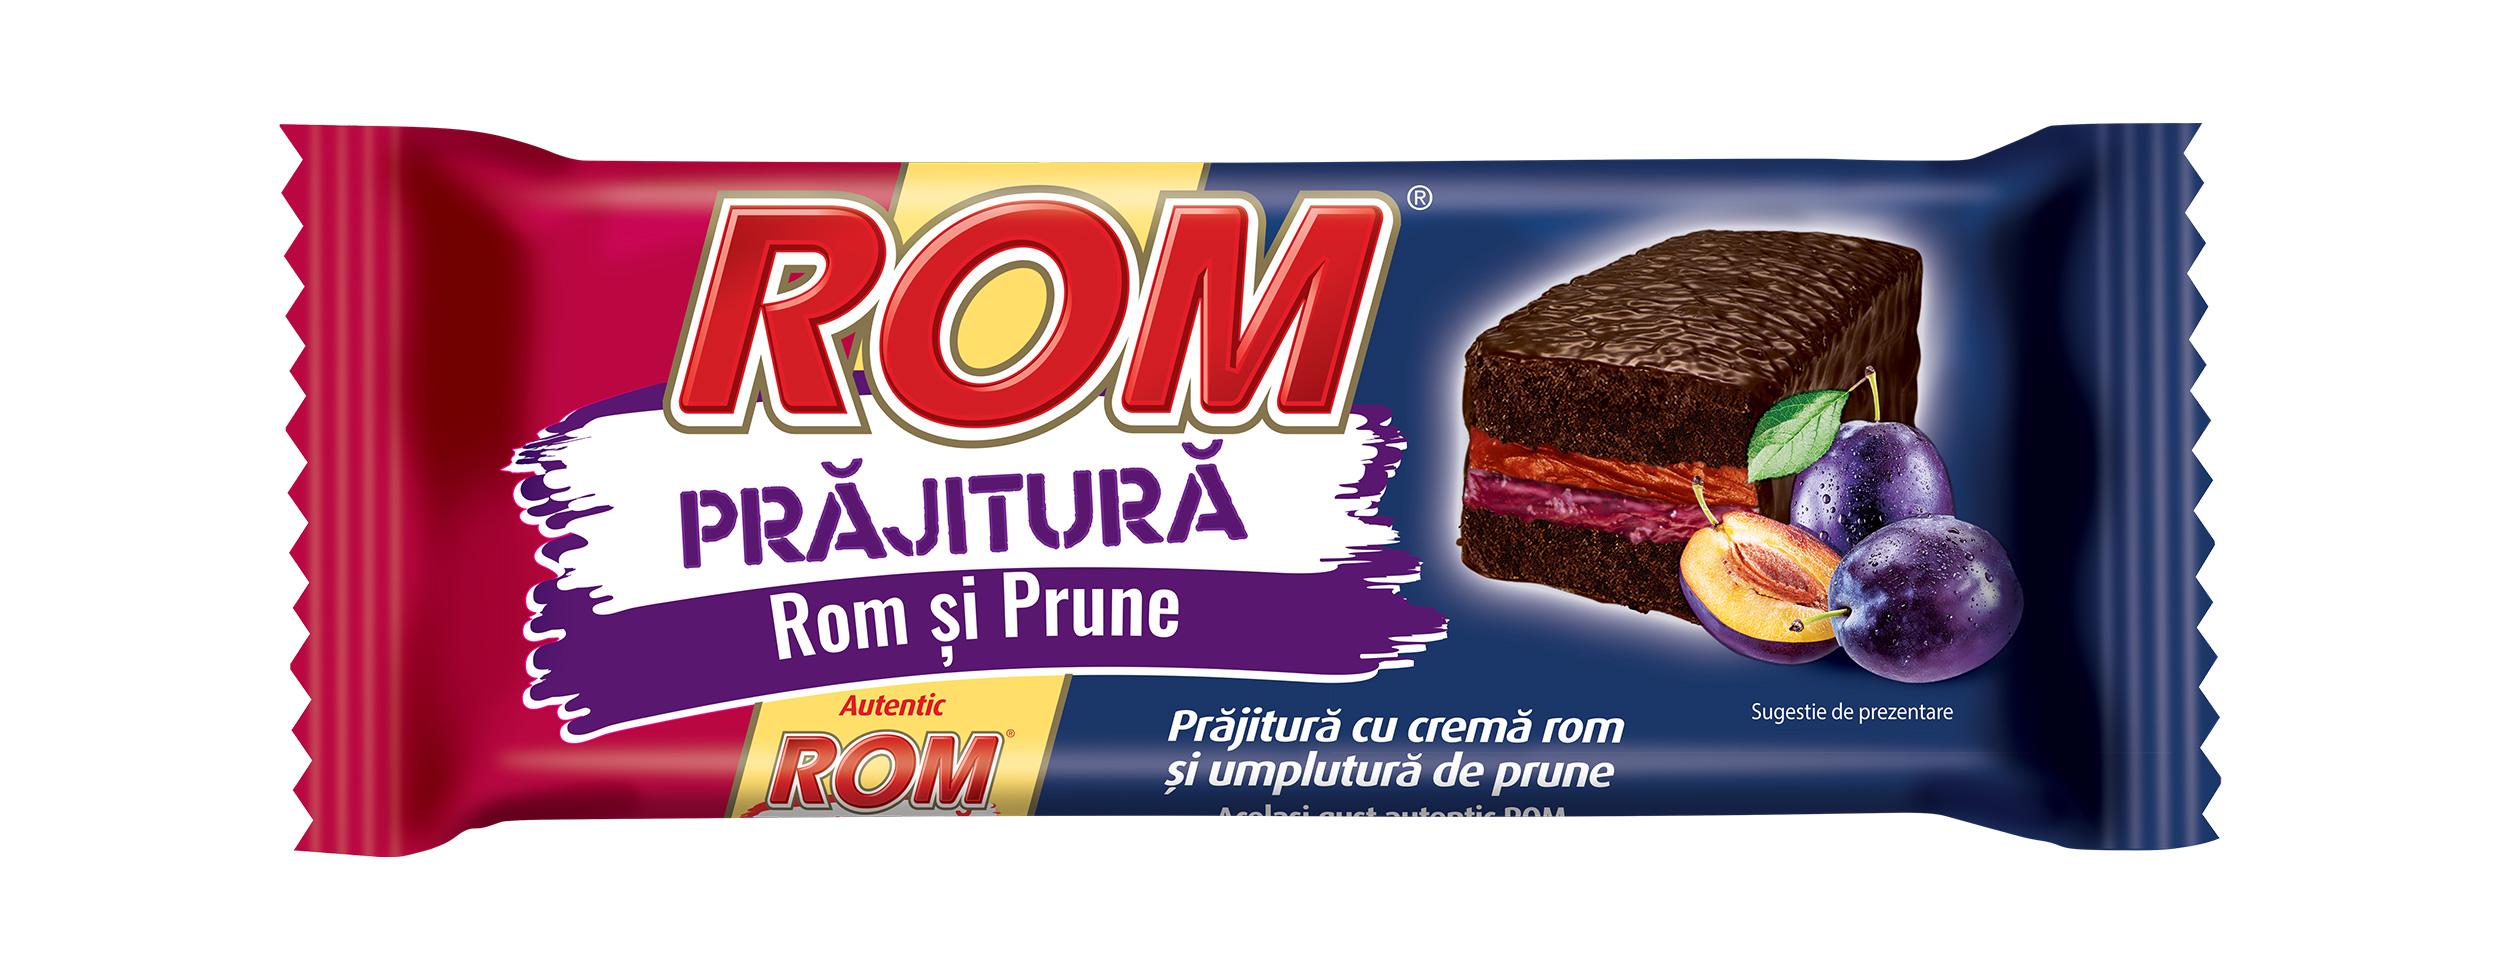 Rom Cake with Rum and Plum Cream 24x35g